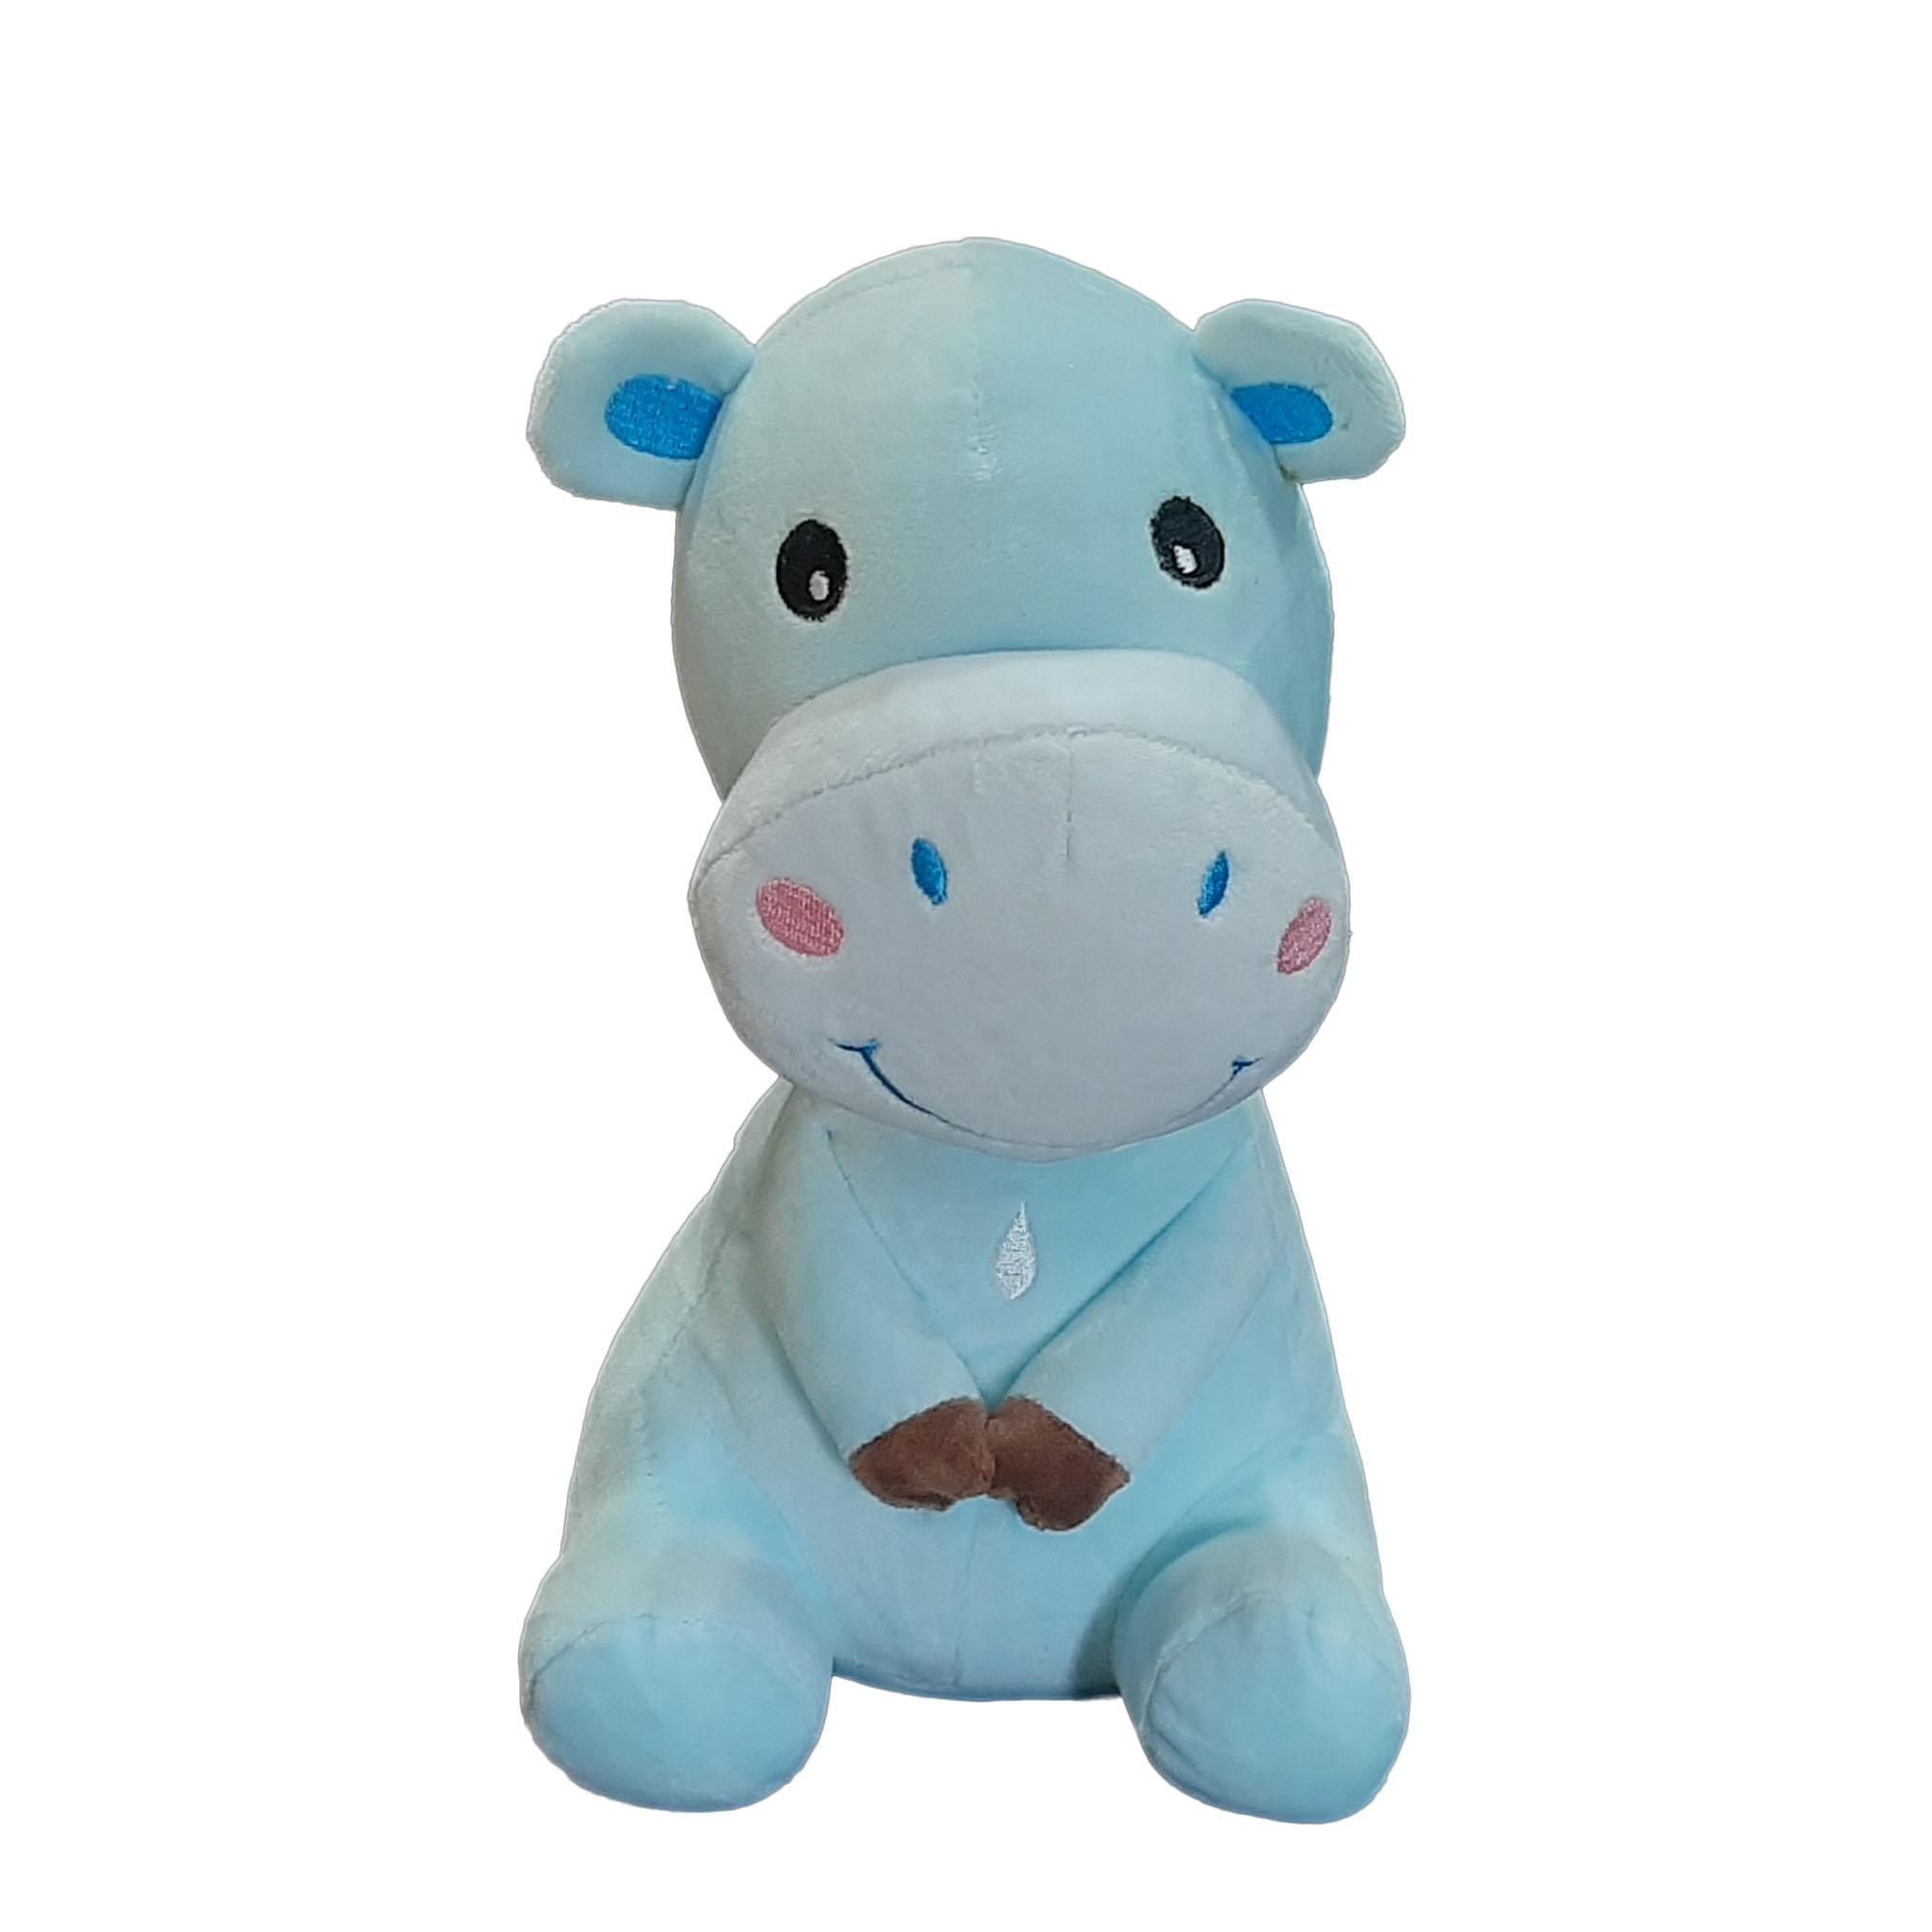 عروسک طرح گاو مزرعه  کد a1031  ارتفاع  26 سانتی متر